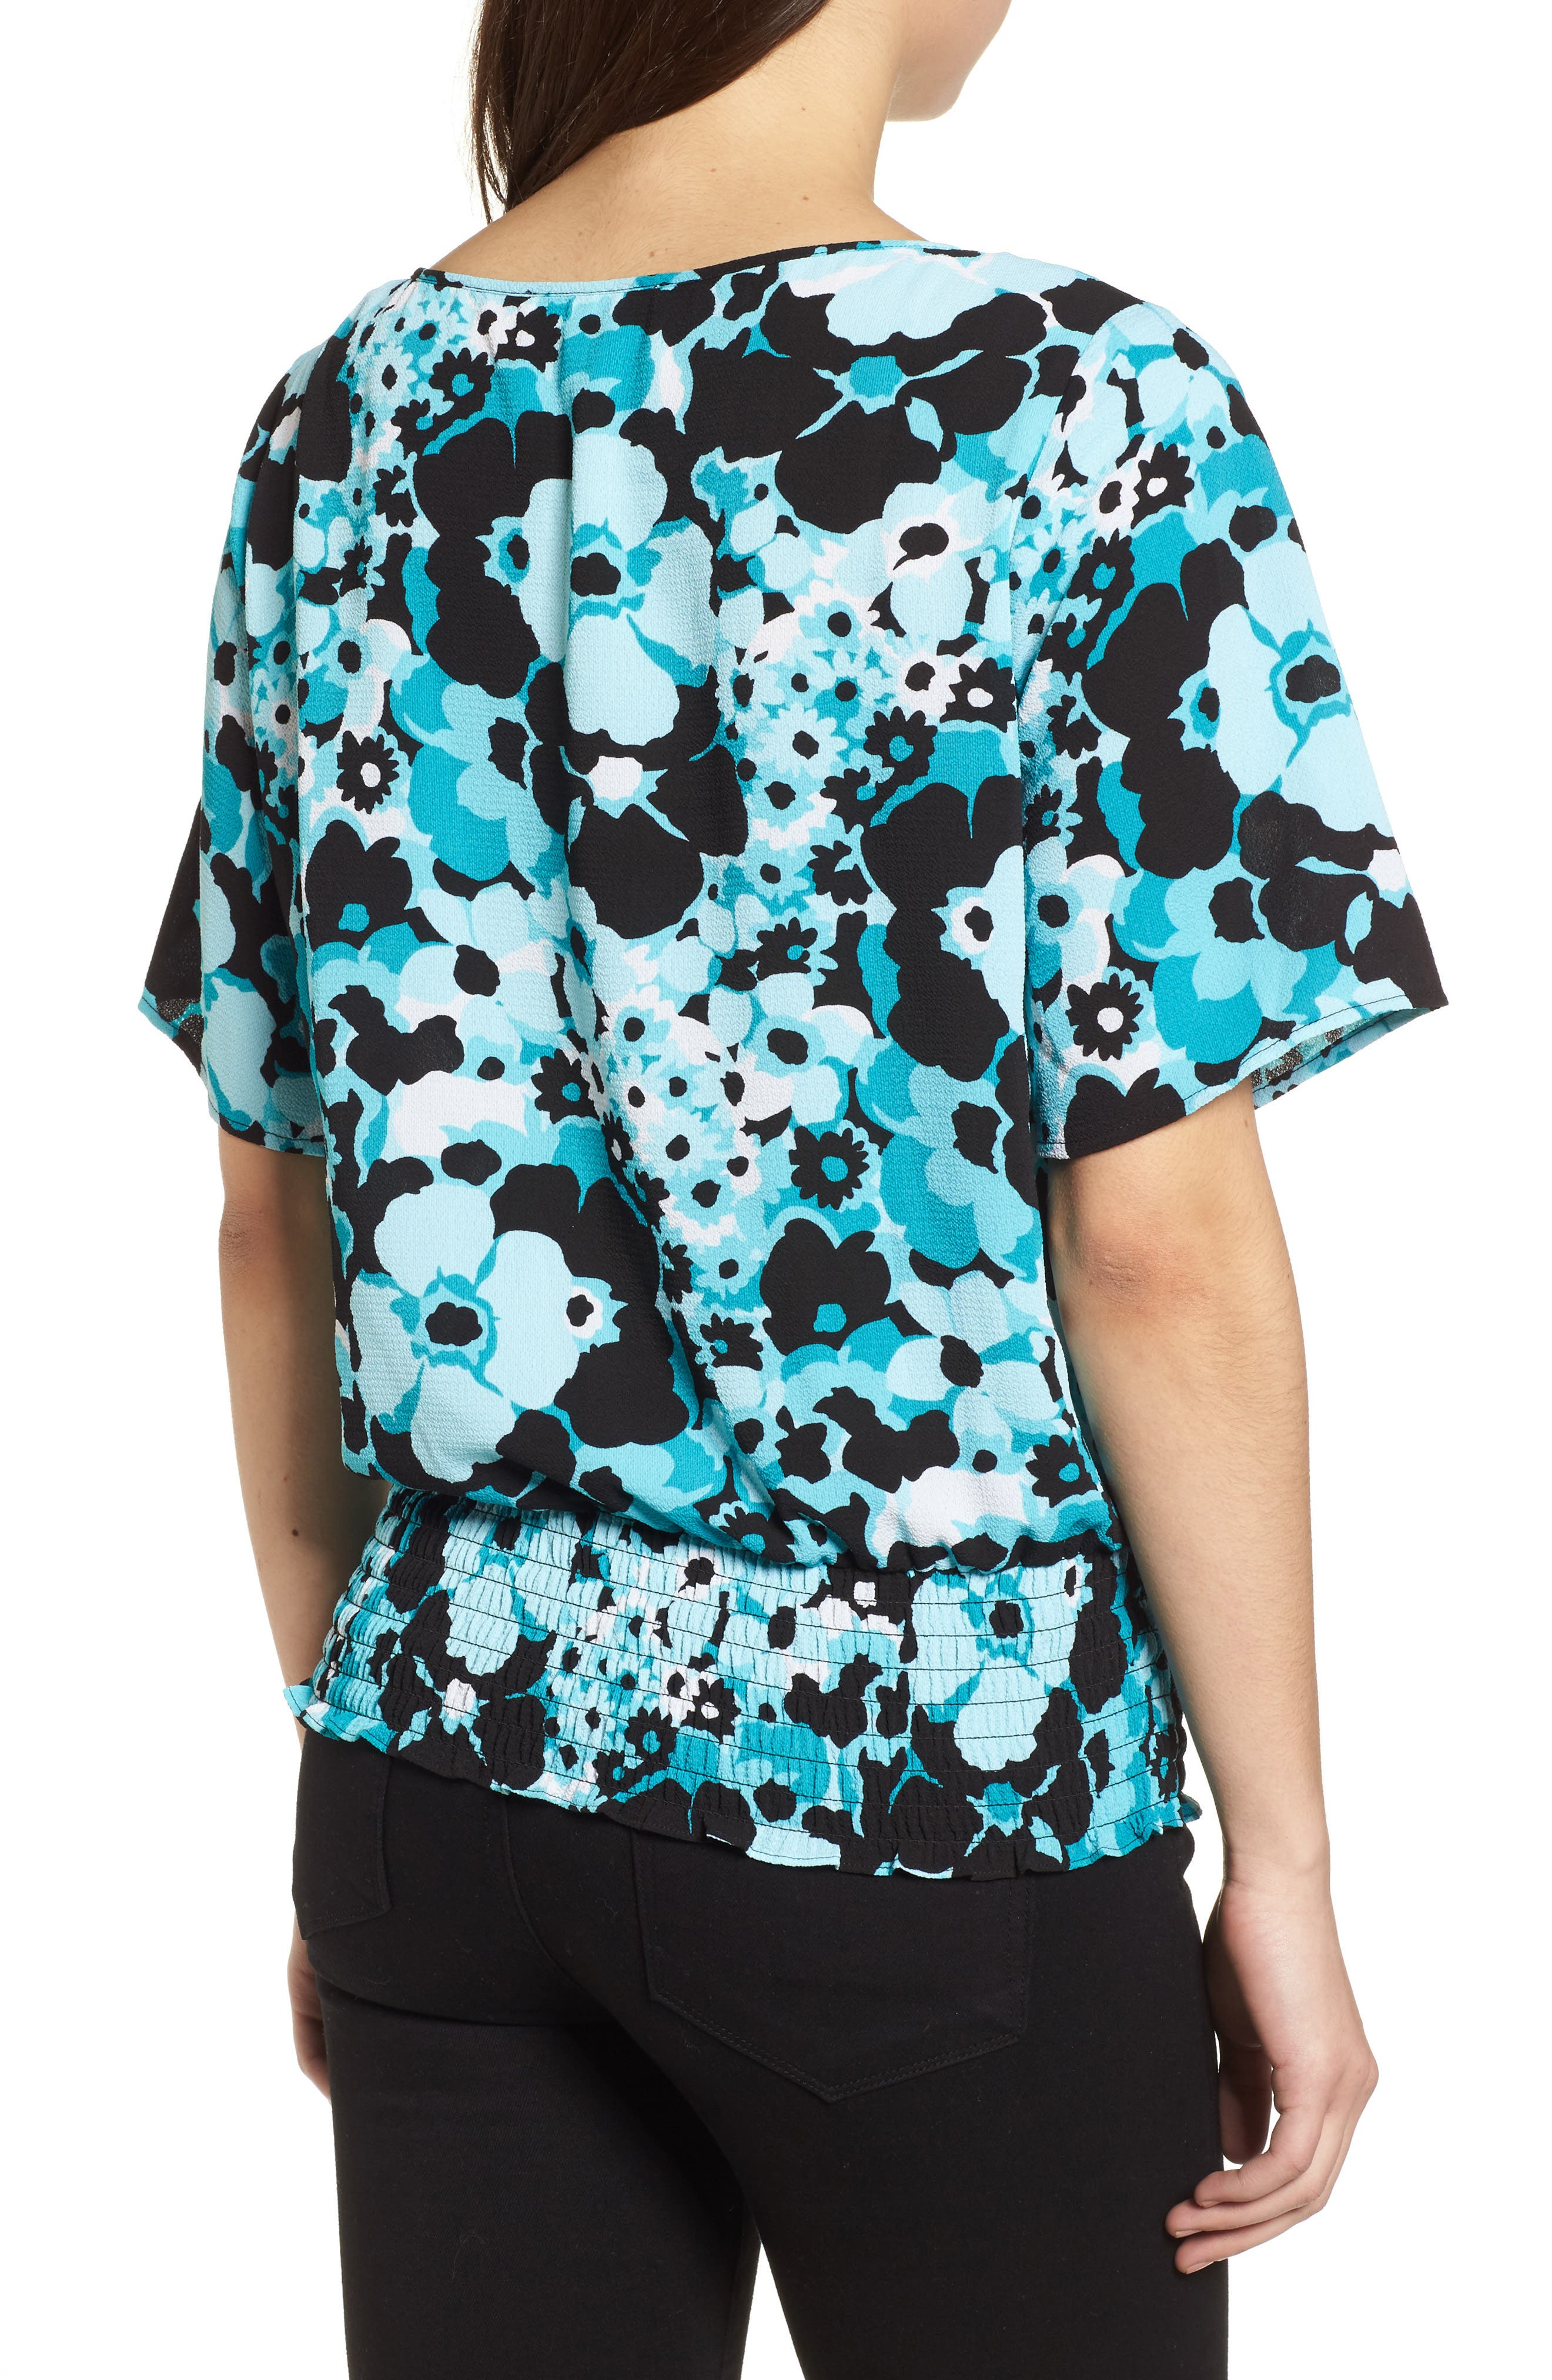 Springtime Floral Kimono Top,                             Alternate thumbnail 2, color,                             Tile Blue/ Black Multi